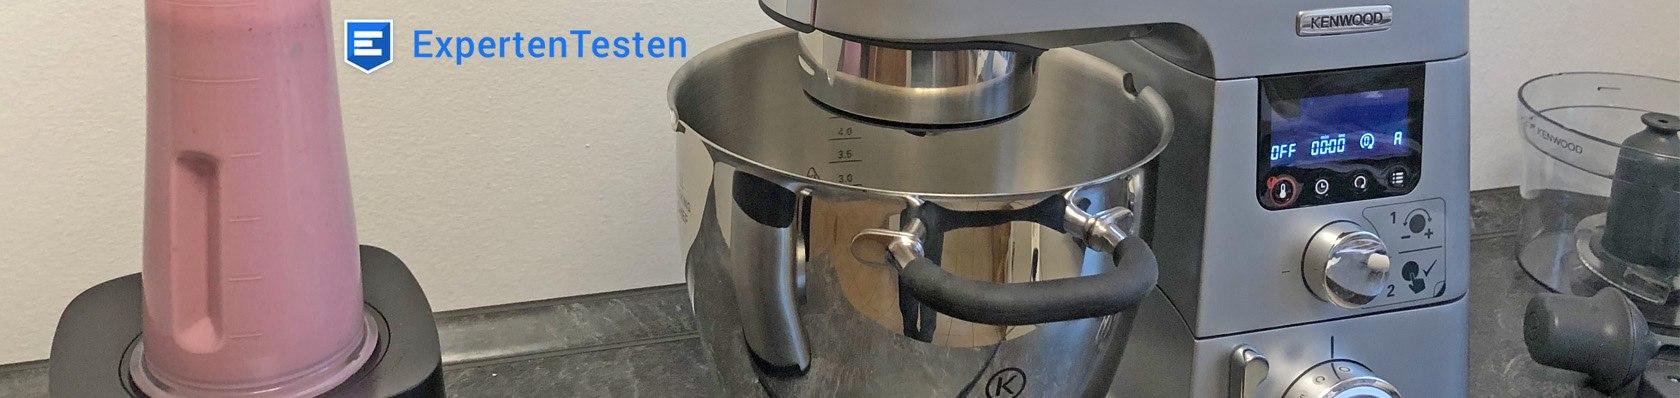 Thermo Multikocher im Test auf ExpertenTesten.de